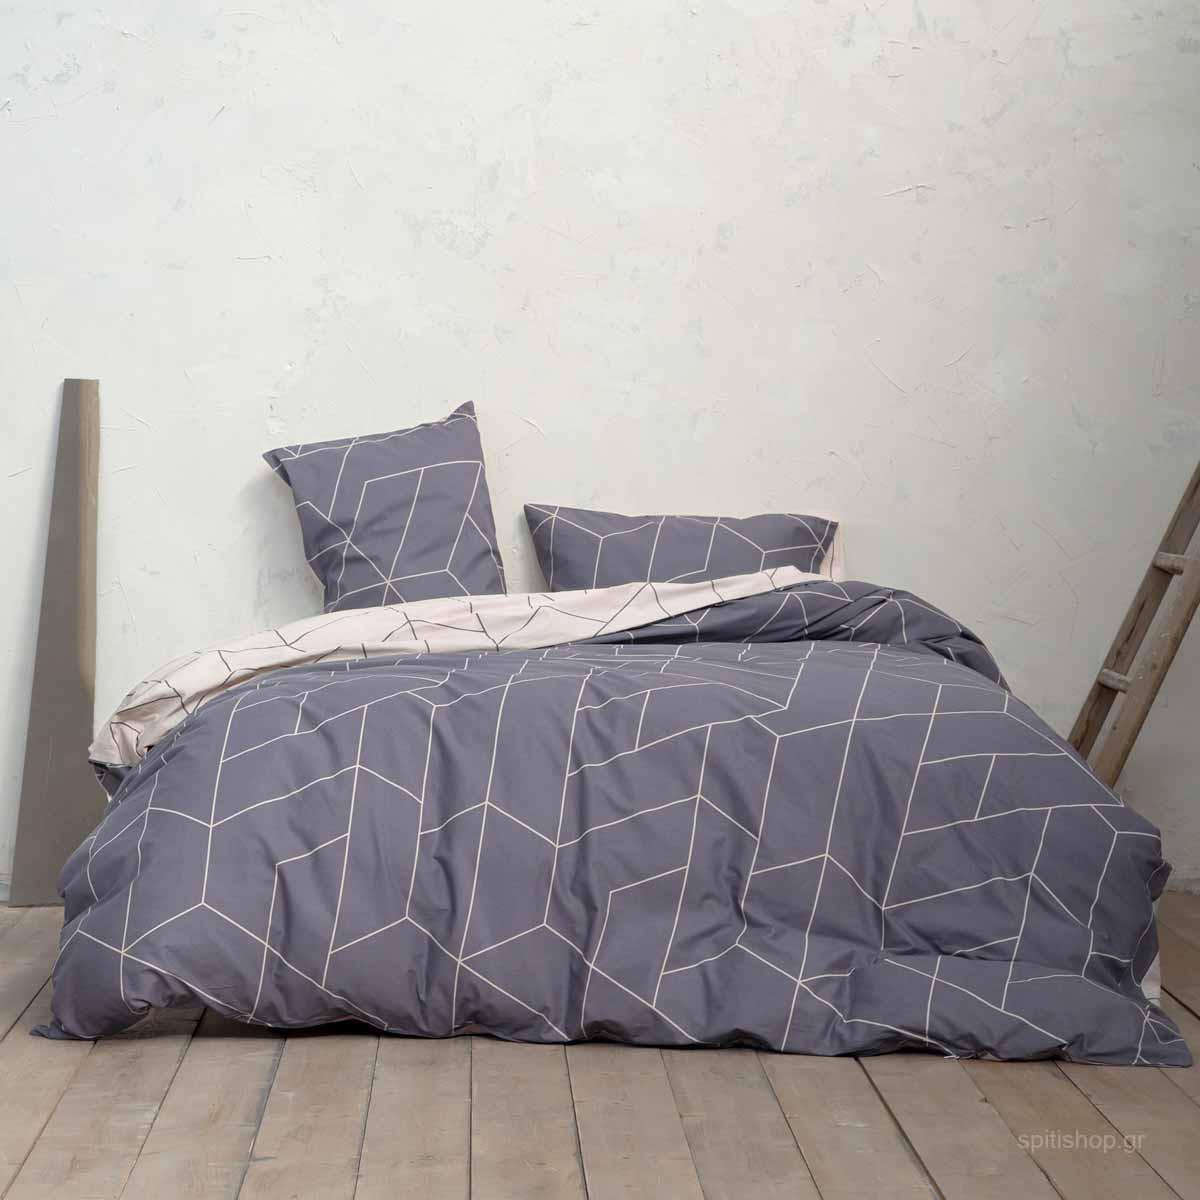 Σεντόνια Υπέρδιπλα (Σετ) Nima Bed Linen Parity Grey ΧΩΡΙΣ ΛΑΣΤΙΧΟ 240×260 ΧΩΡΙΣ ΛΑΣΤΙΧΟ 240×260